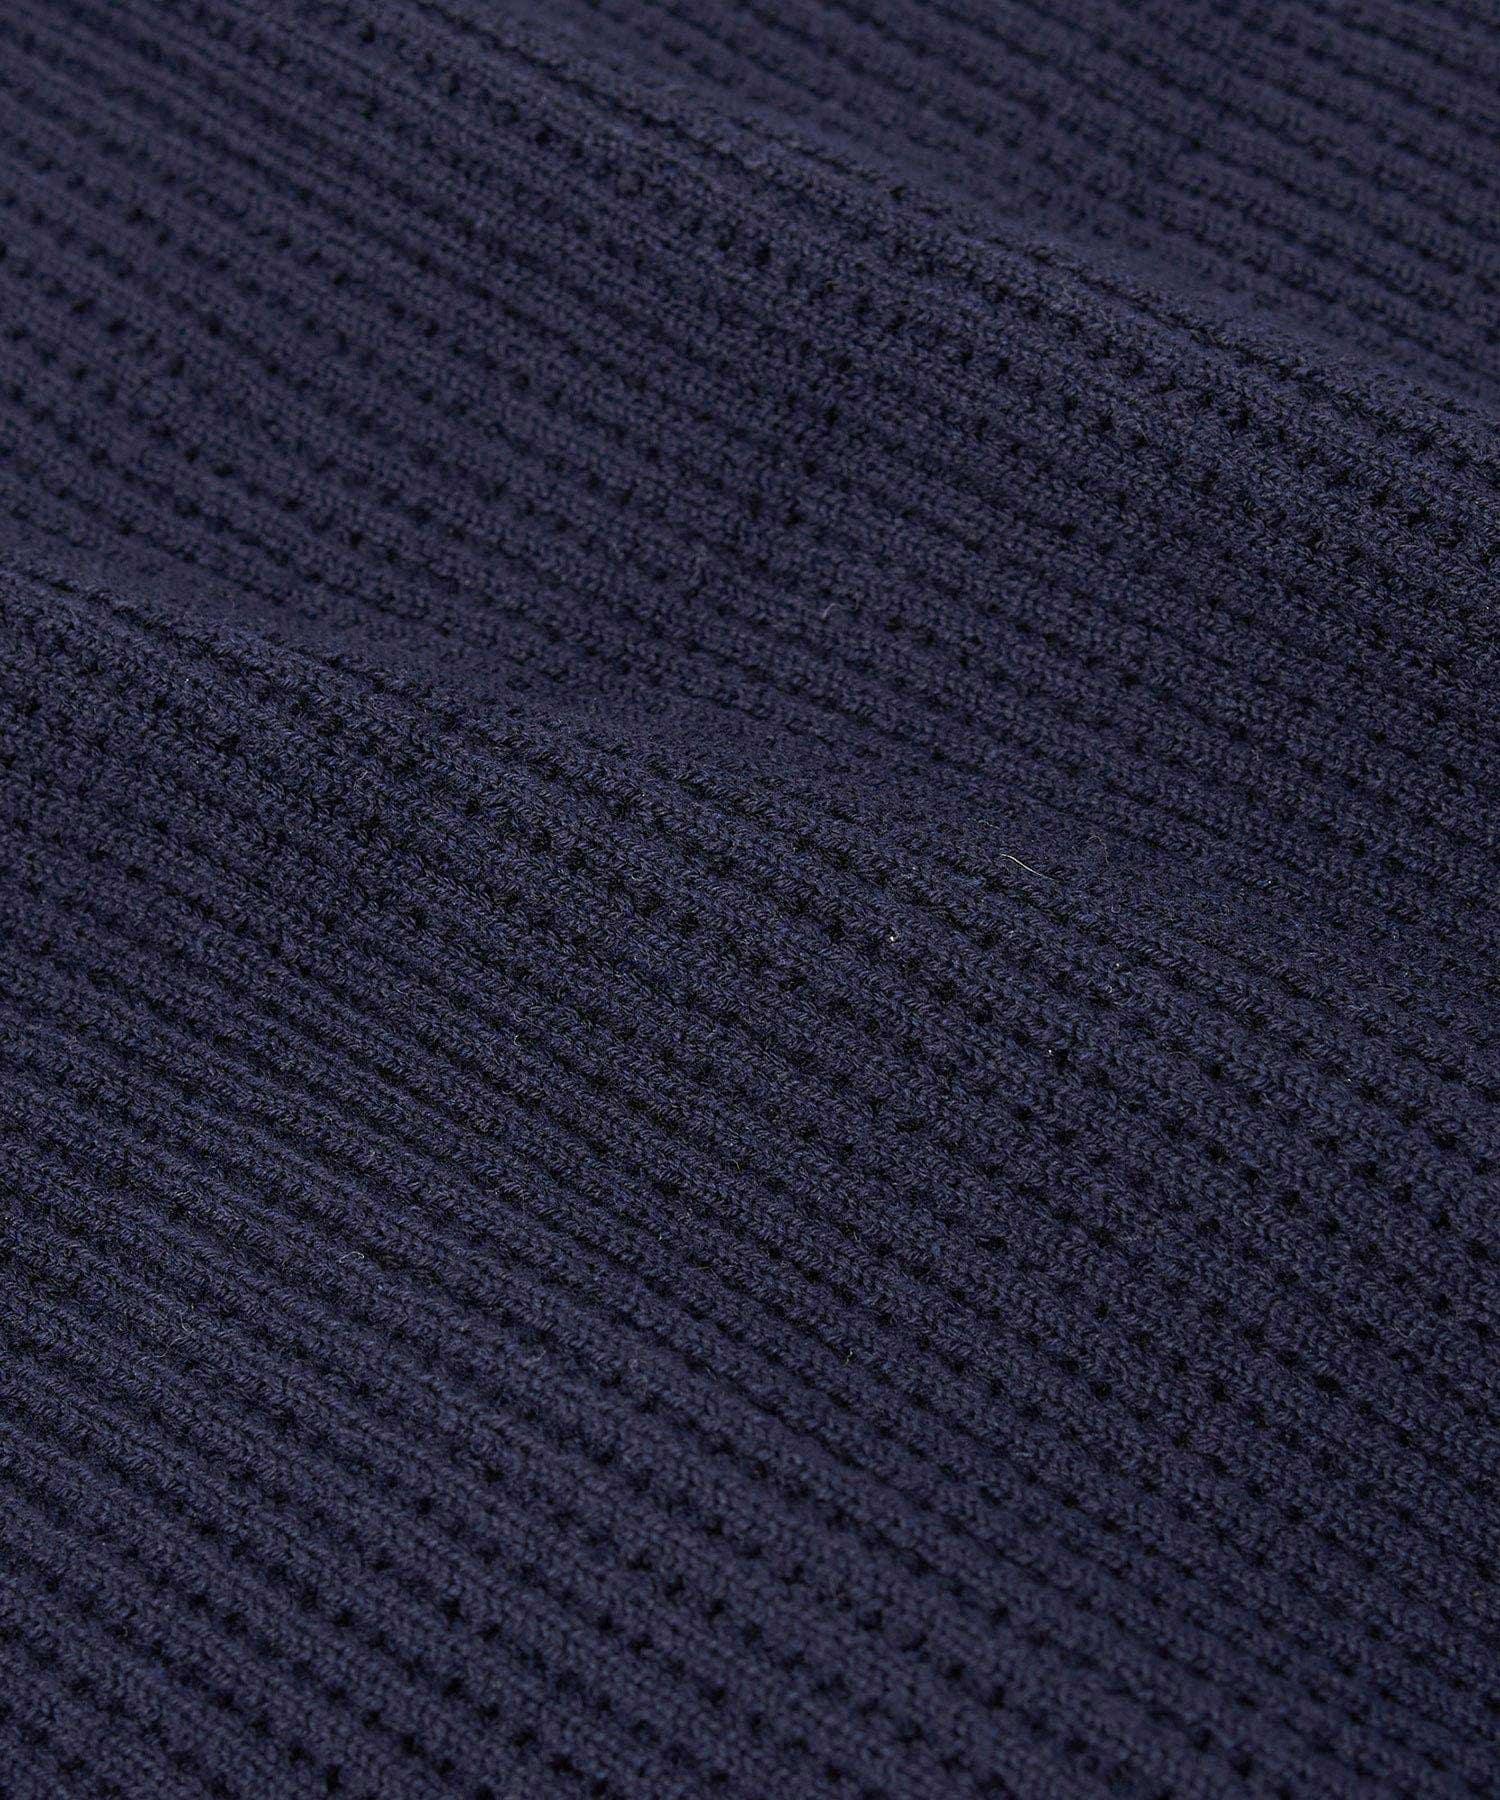 RIVE DROITE(リヴドロワ) 【WEB限定】Vネックニットベスト